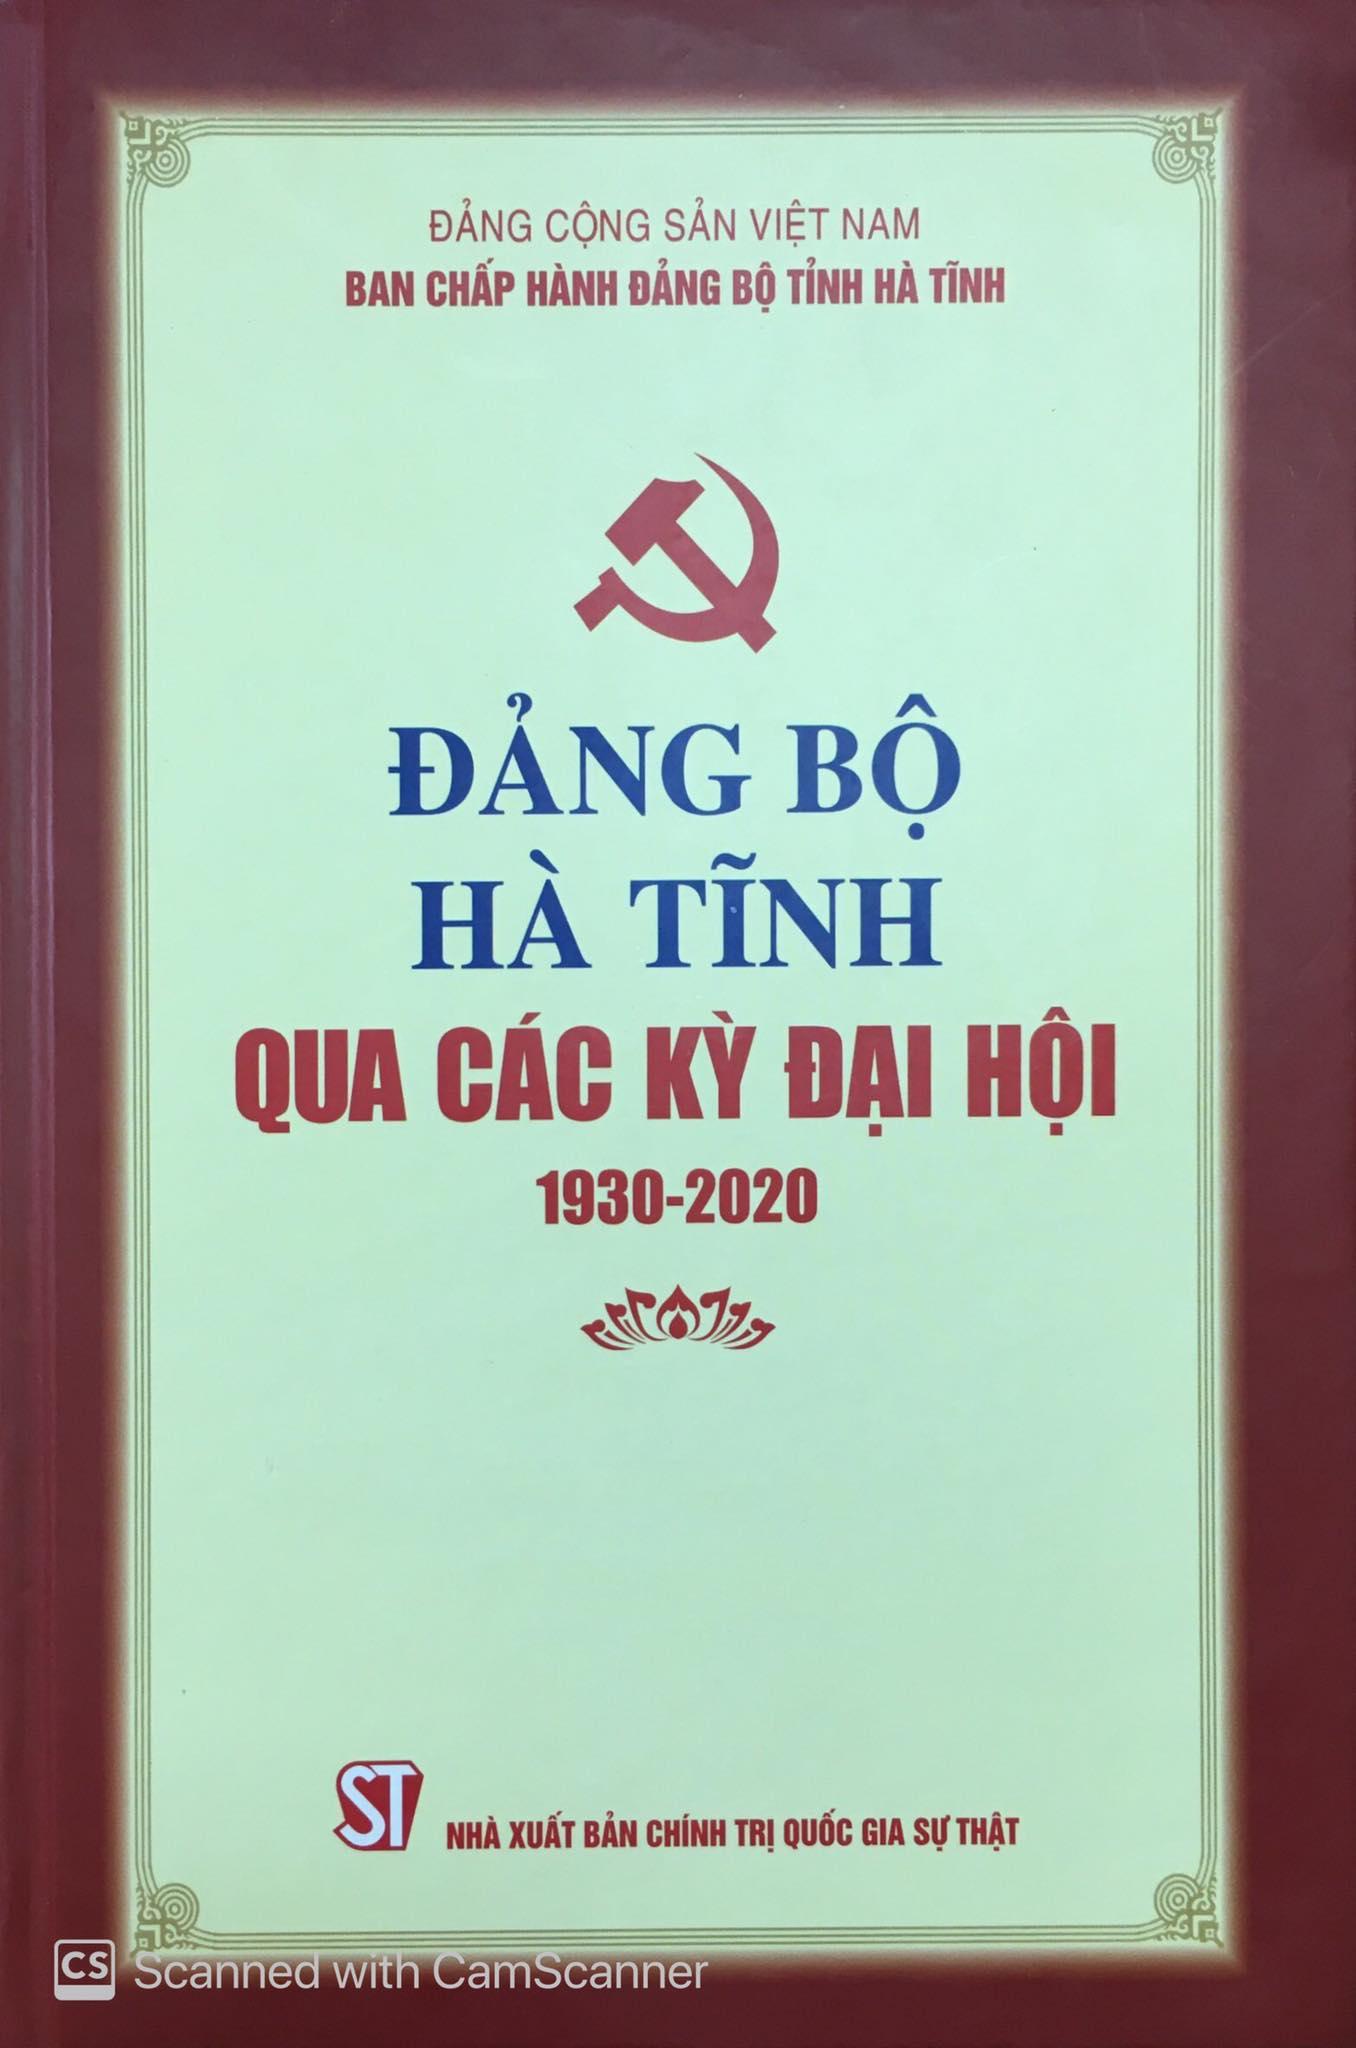 Đảng bộ Hà Tĩnh qua các kỳ đại hội (1930 - 2020)